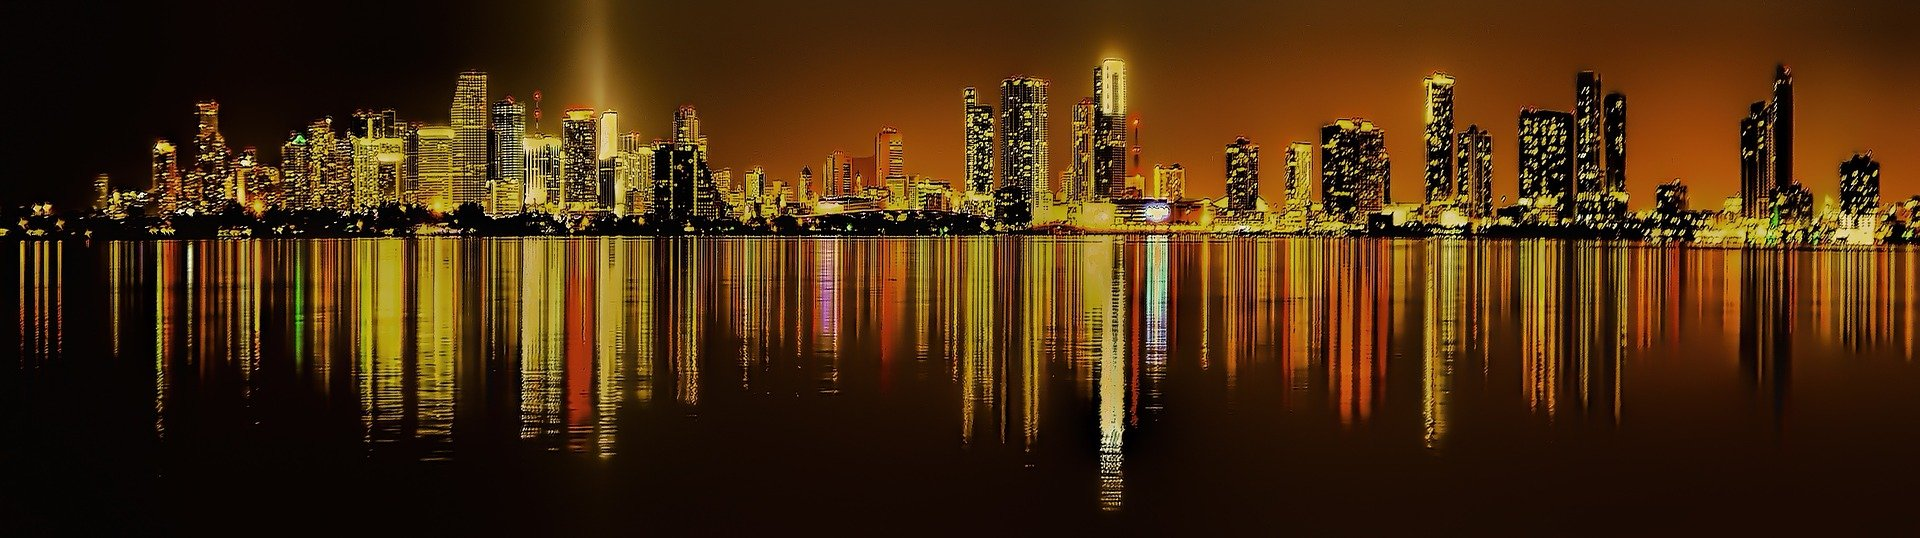 christmas destinations miami - 28 superb Christmas destinations for your holidays 2019/2020